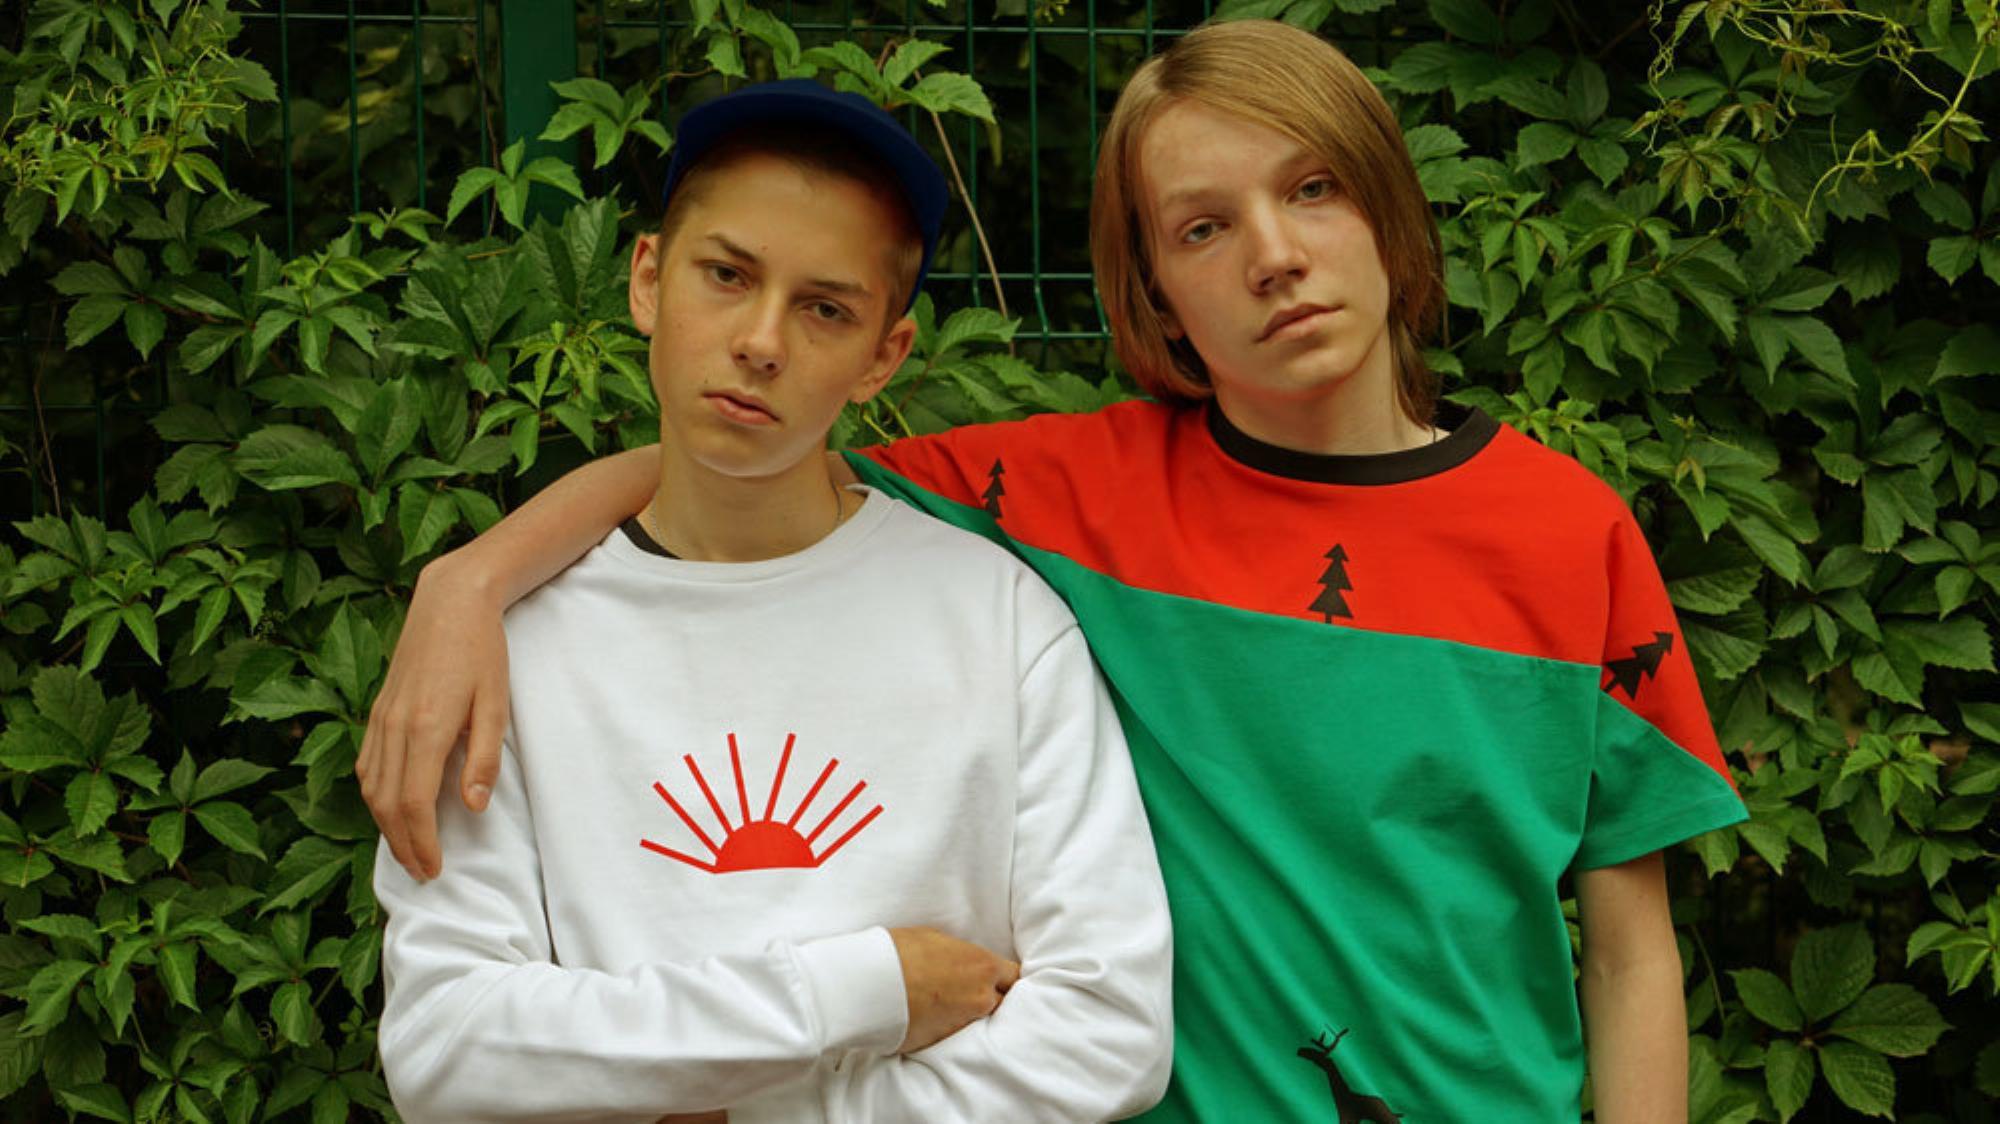 Gosha Rubchinskiy x Timur Novikov Capsule Collection